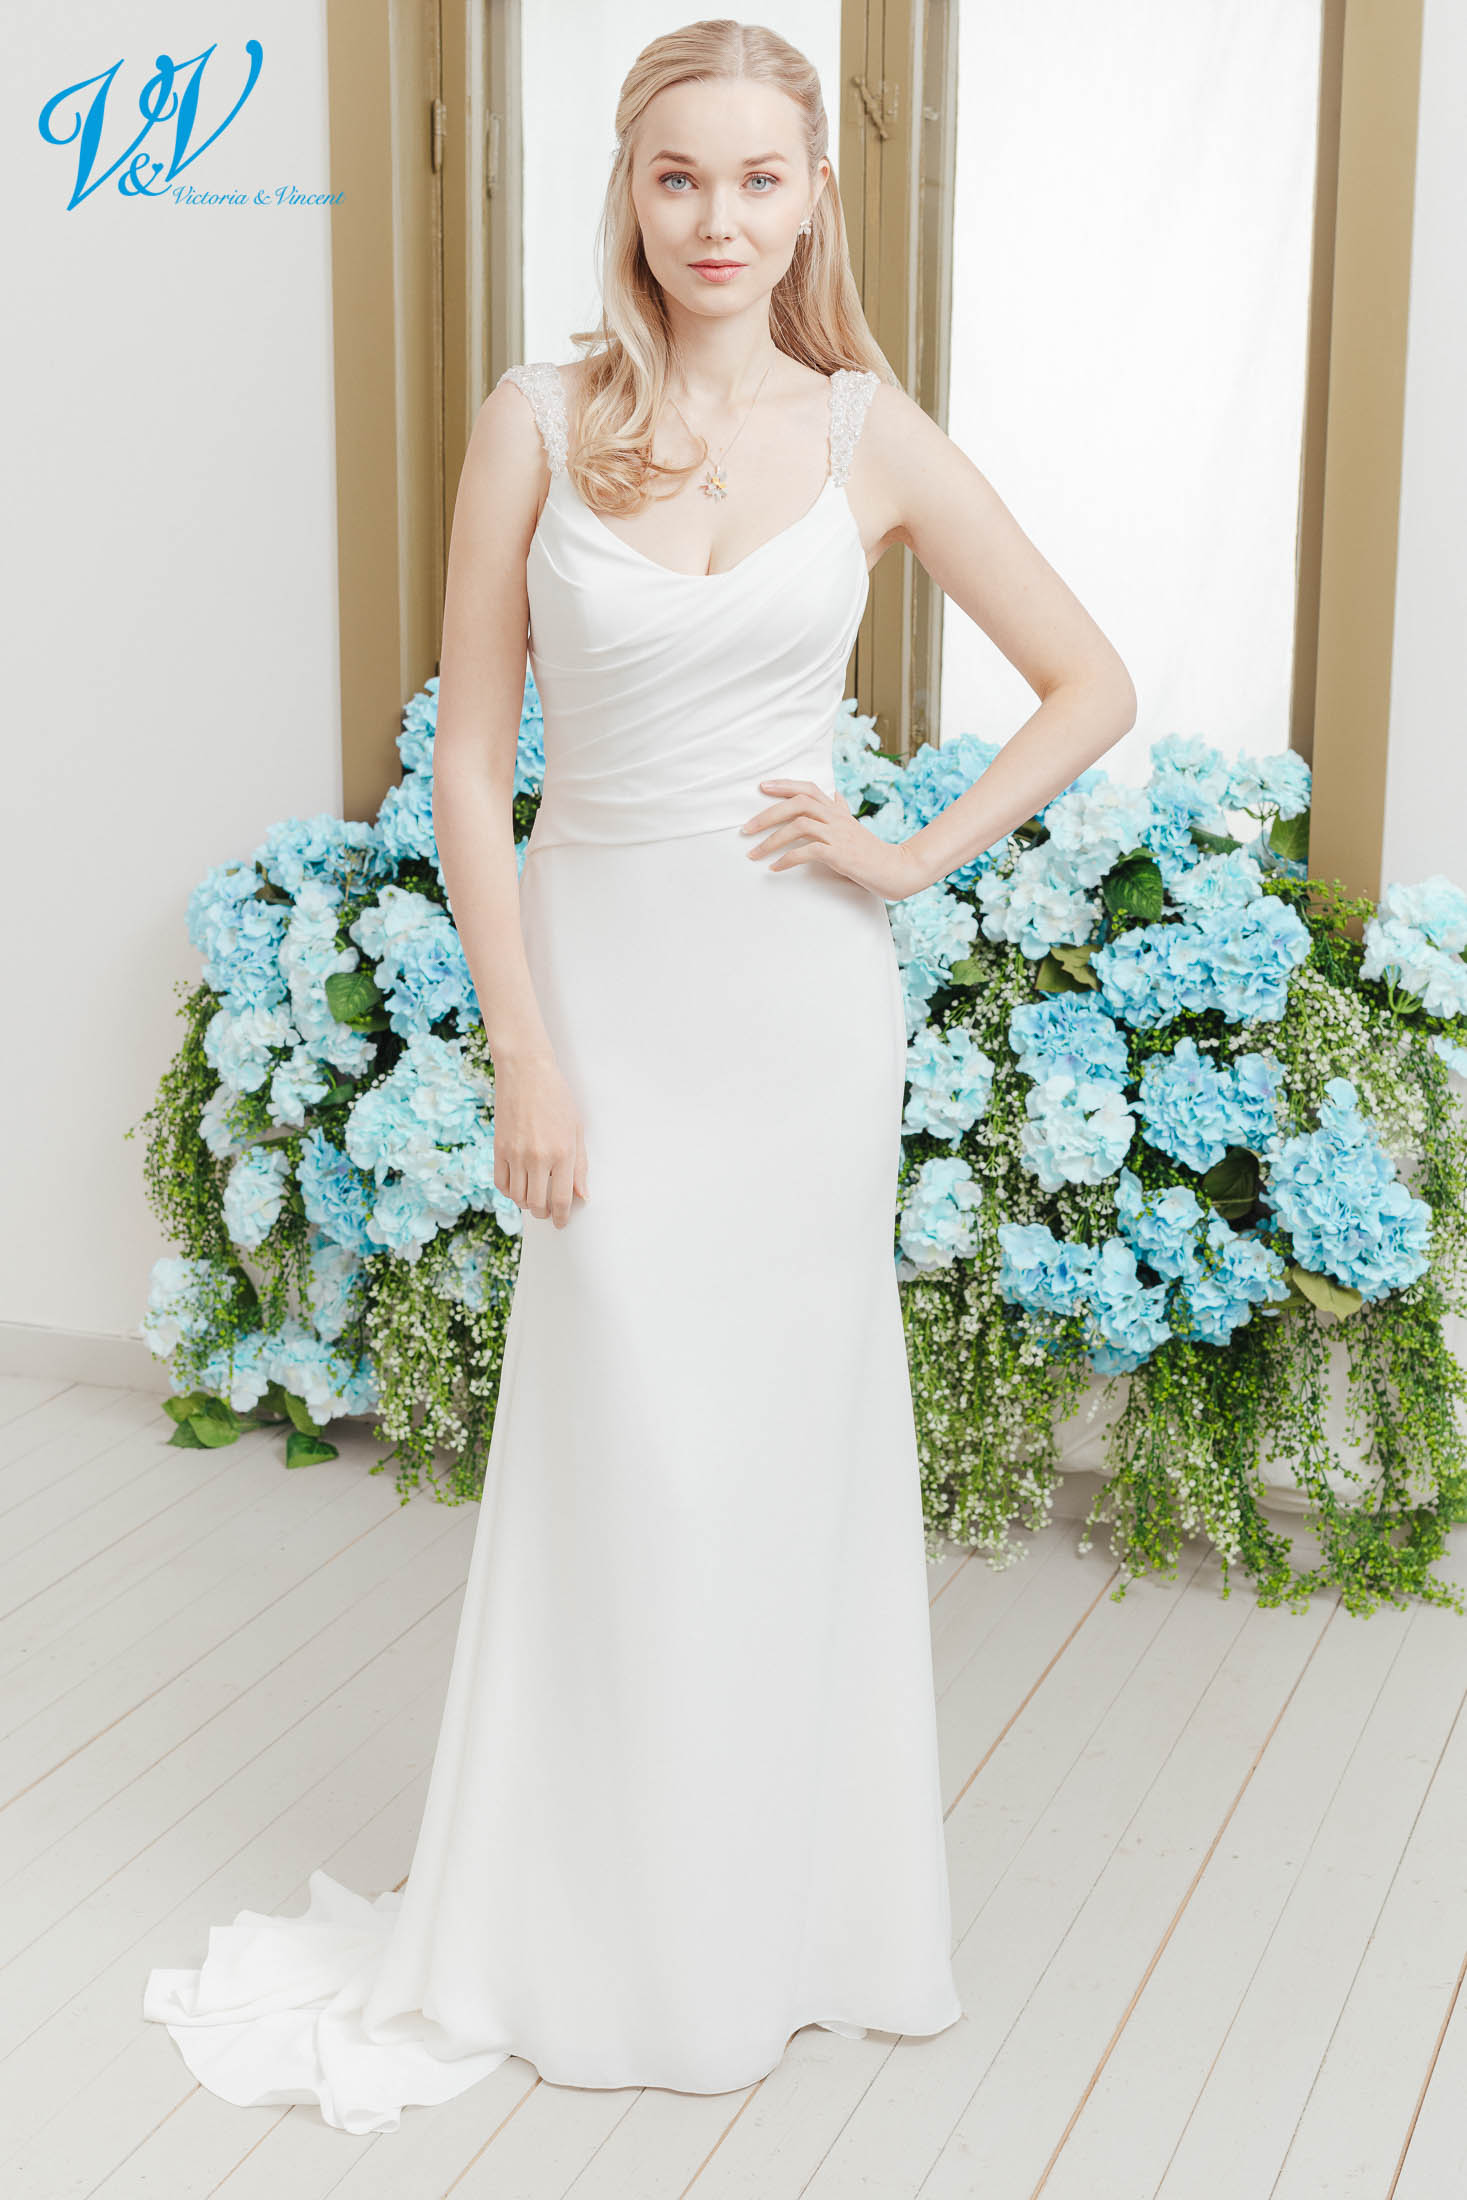 Das günstigste Meerjungfrau Brautkleid bester Qualität erhältlich. Hergestellt aus hochwertigem Krepp mit glitzernden Trägern Das Hochzeitskleid im Bild hat Farbe ivory, dieses Kleid ist auch erhältlich in weiss.